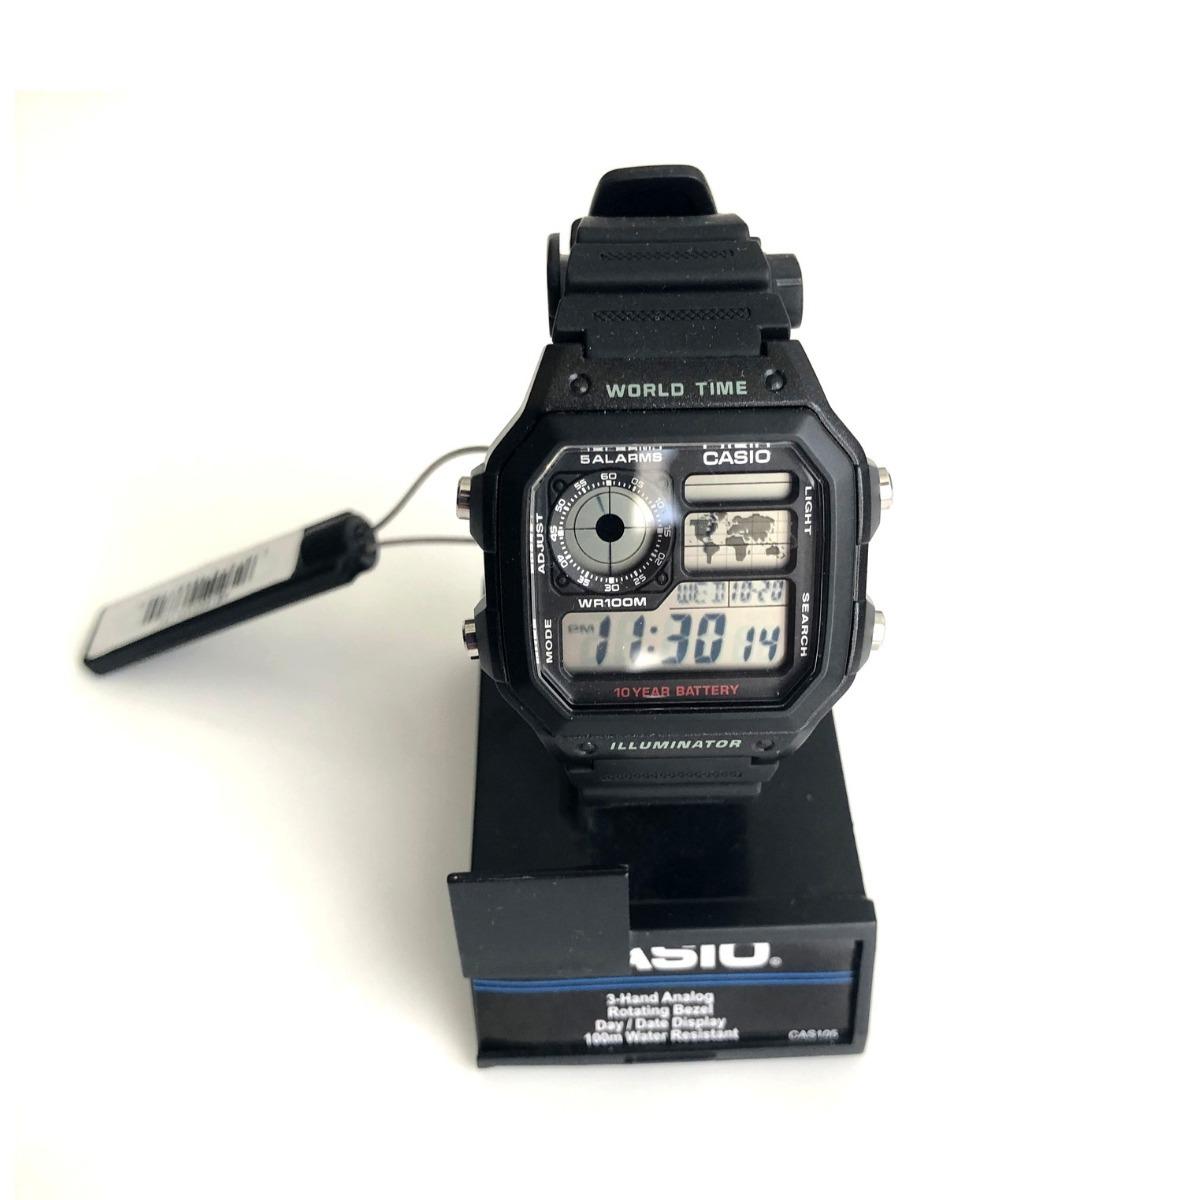 10b657d9c27 relógio casio ae1200 world time modelo original lacrado novo. Carregando  zoom.